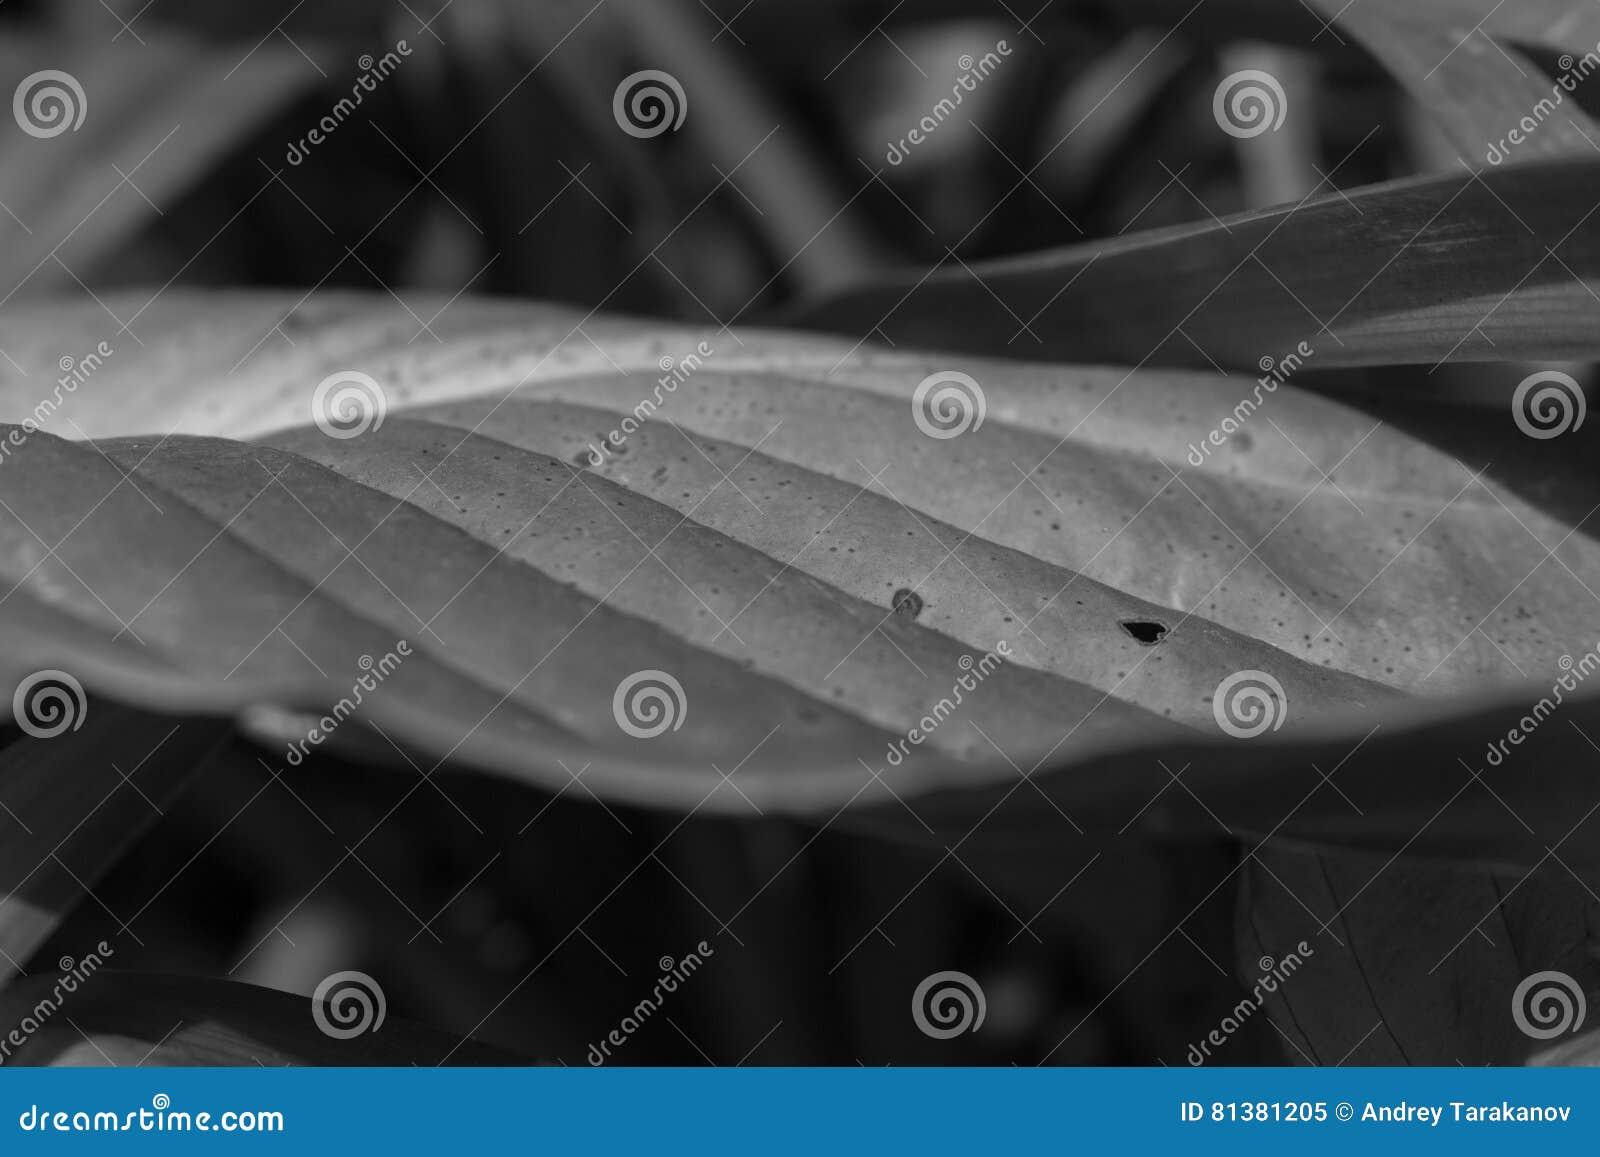 Feuille noire et blanche